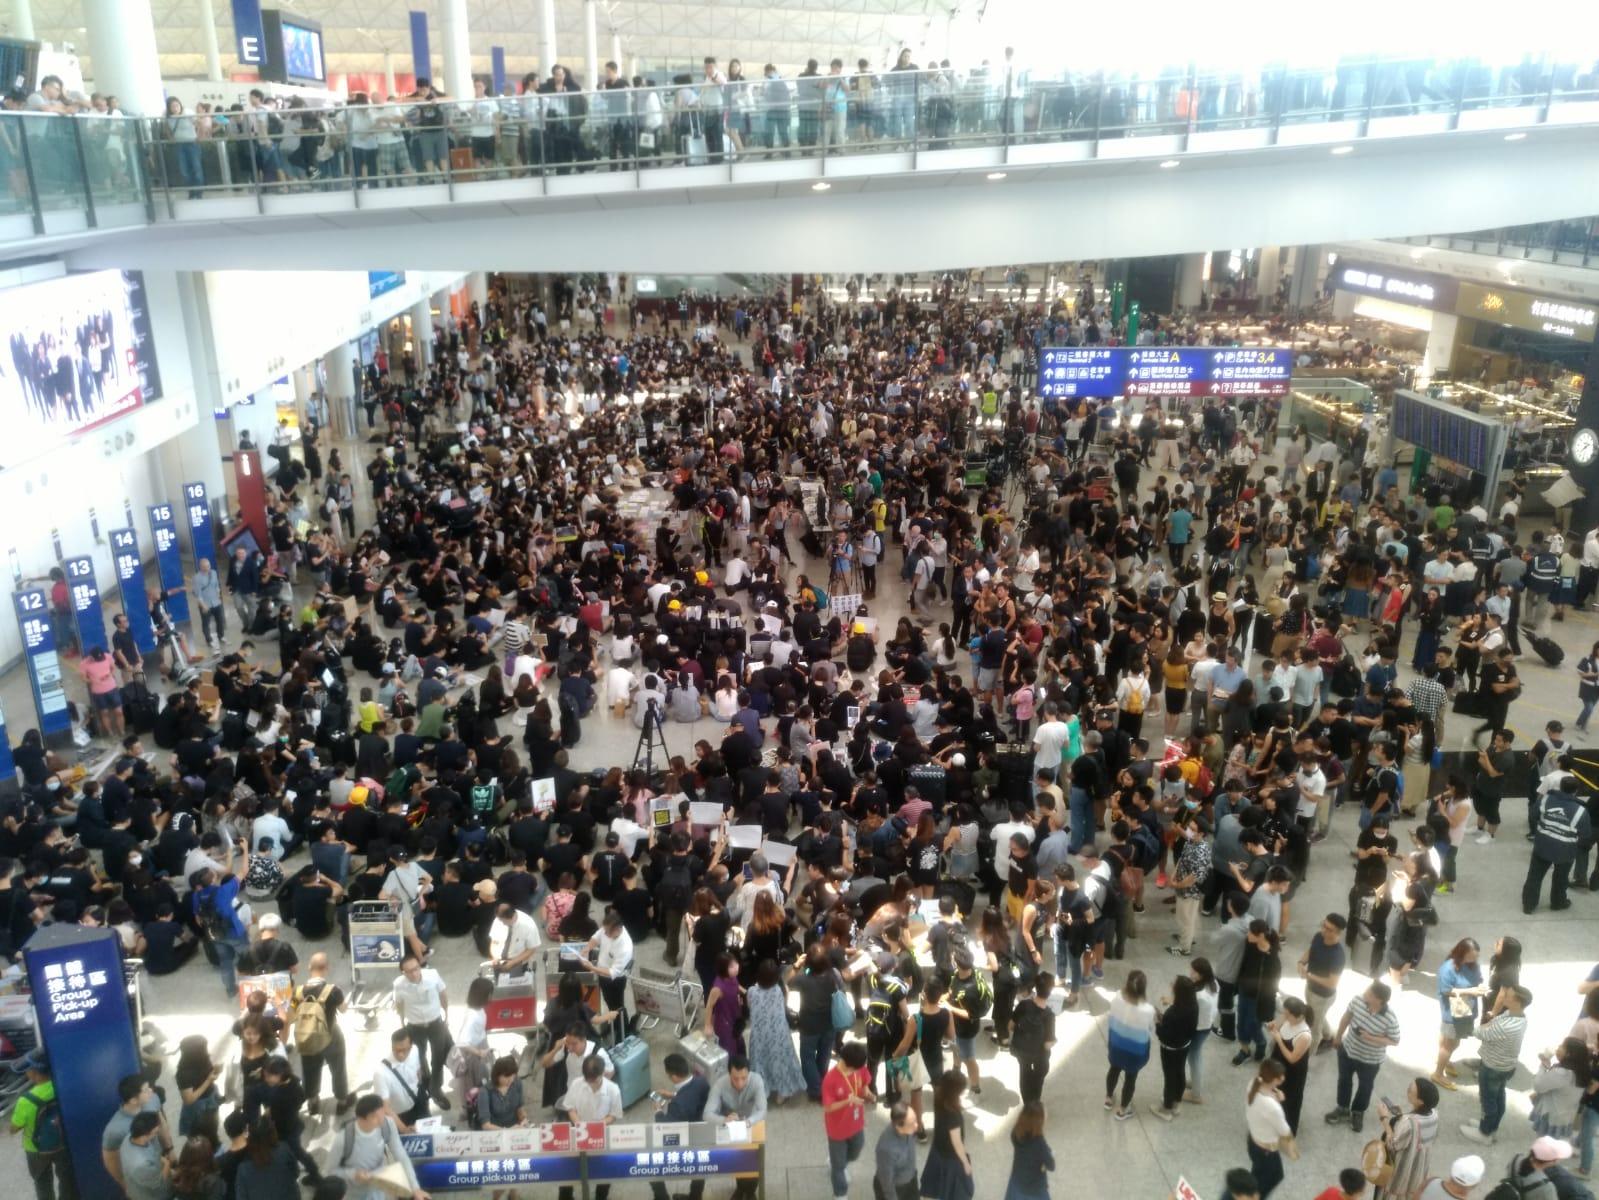 集會在機場接機大堂舉行。